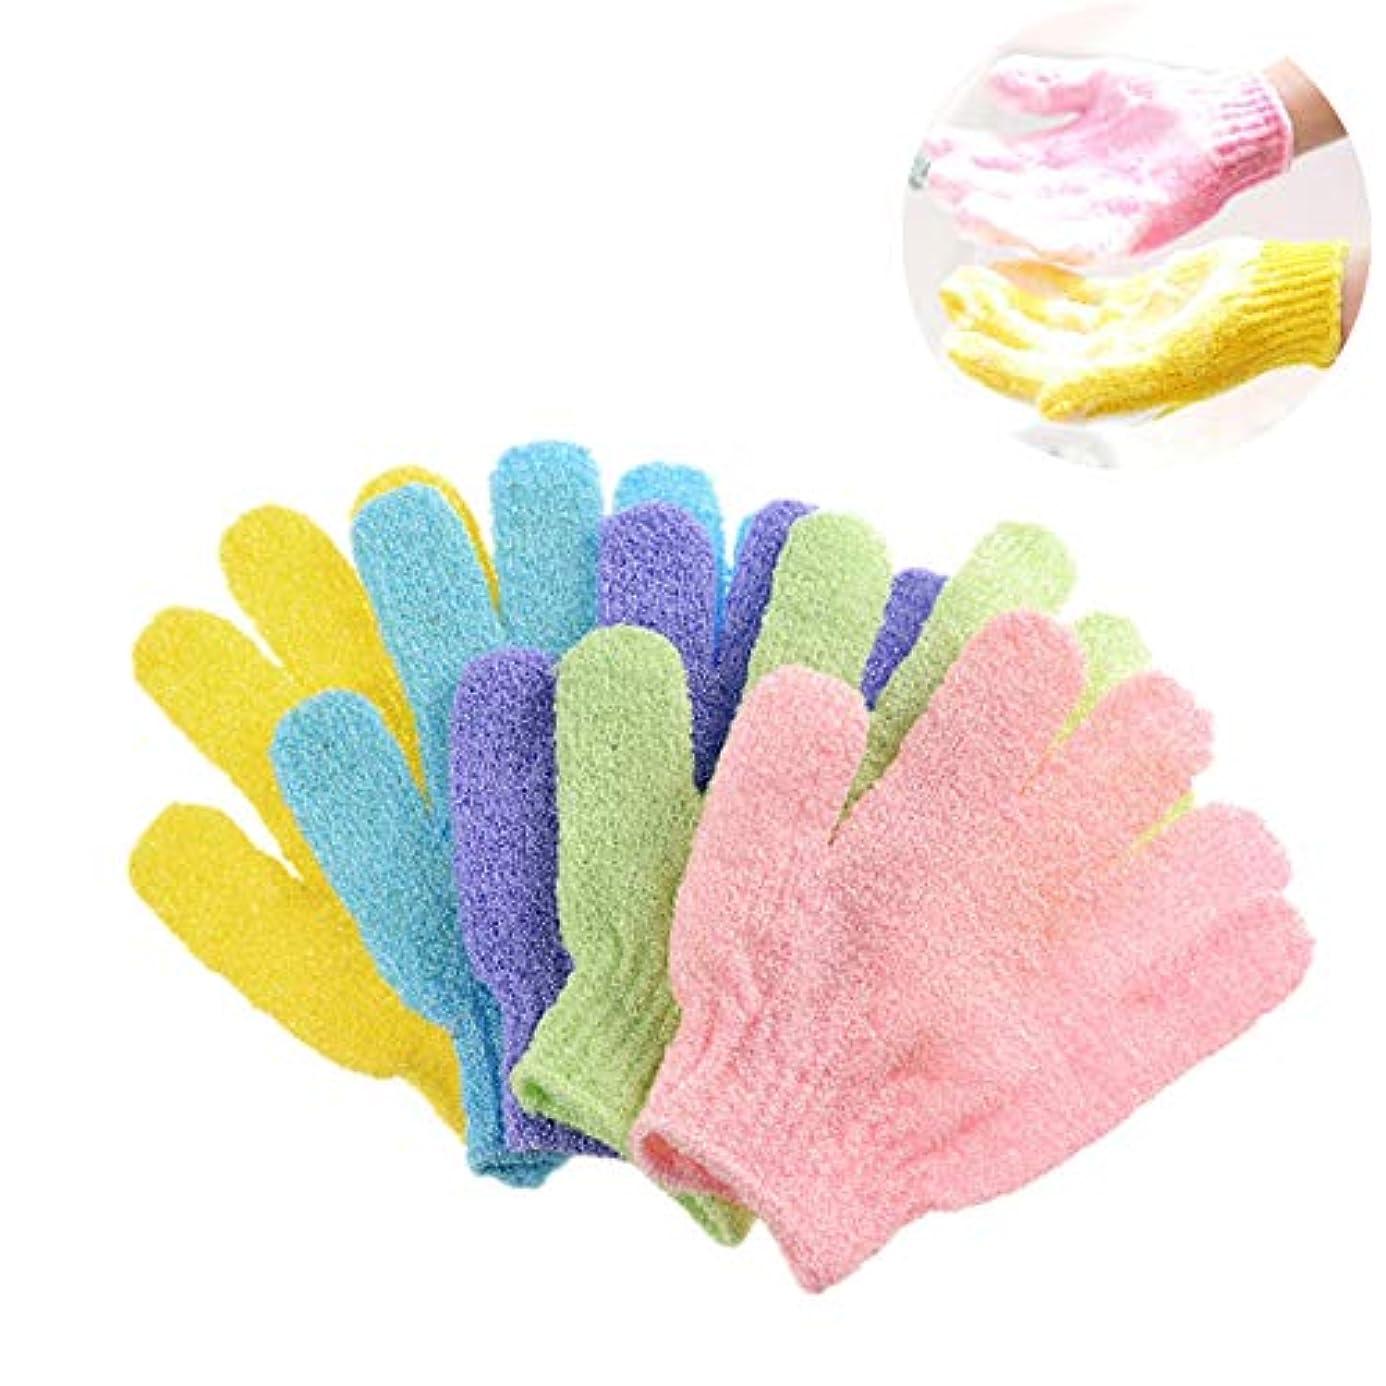 リボン注釈中止しますKingsie 浴用手袋 10枚セット(5ペア) ボディウォッシュ手袋 お風呂手袋 角質除去 角質取り 泡立ち 垢すり グローブ